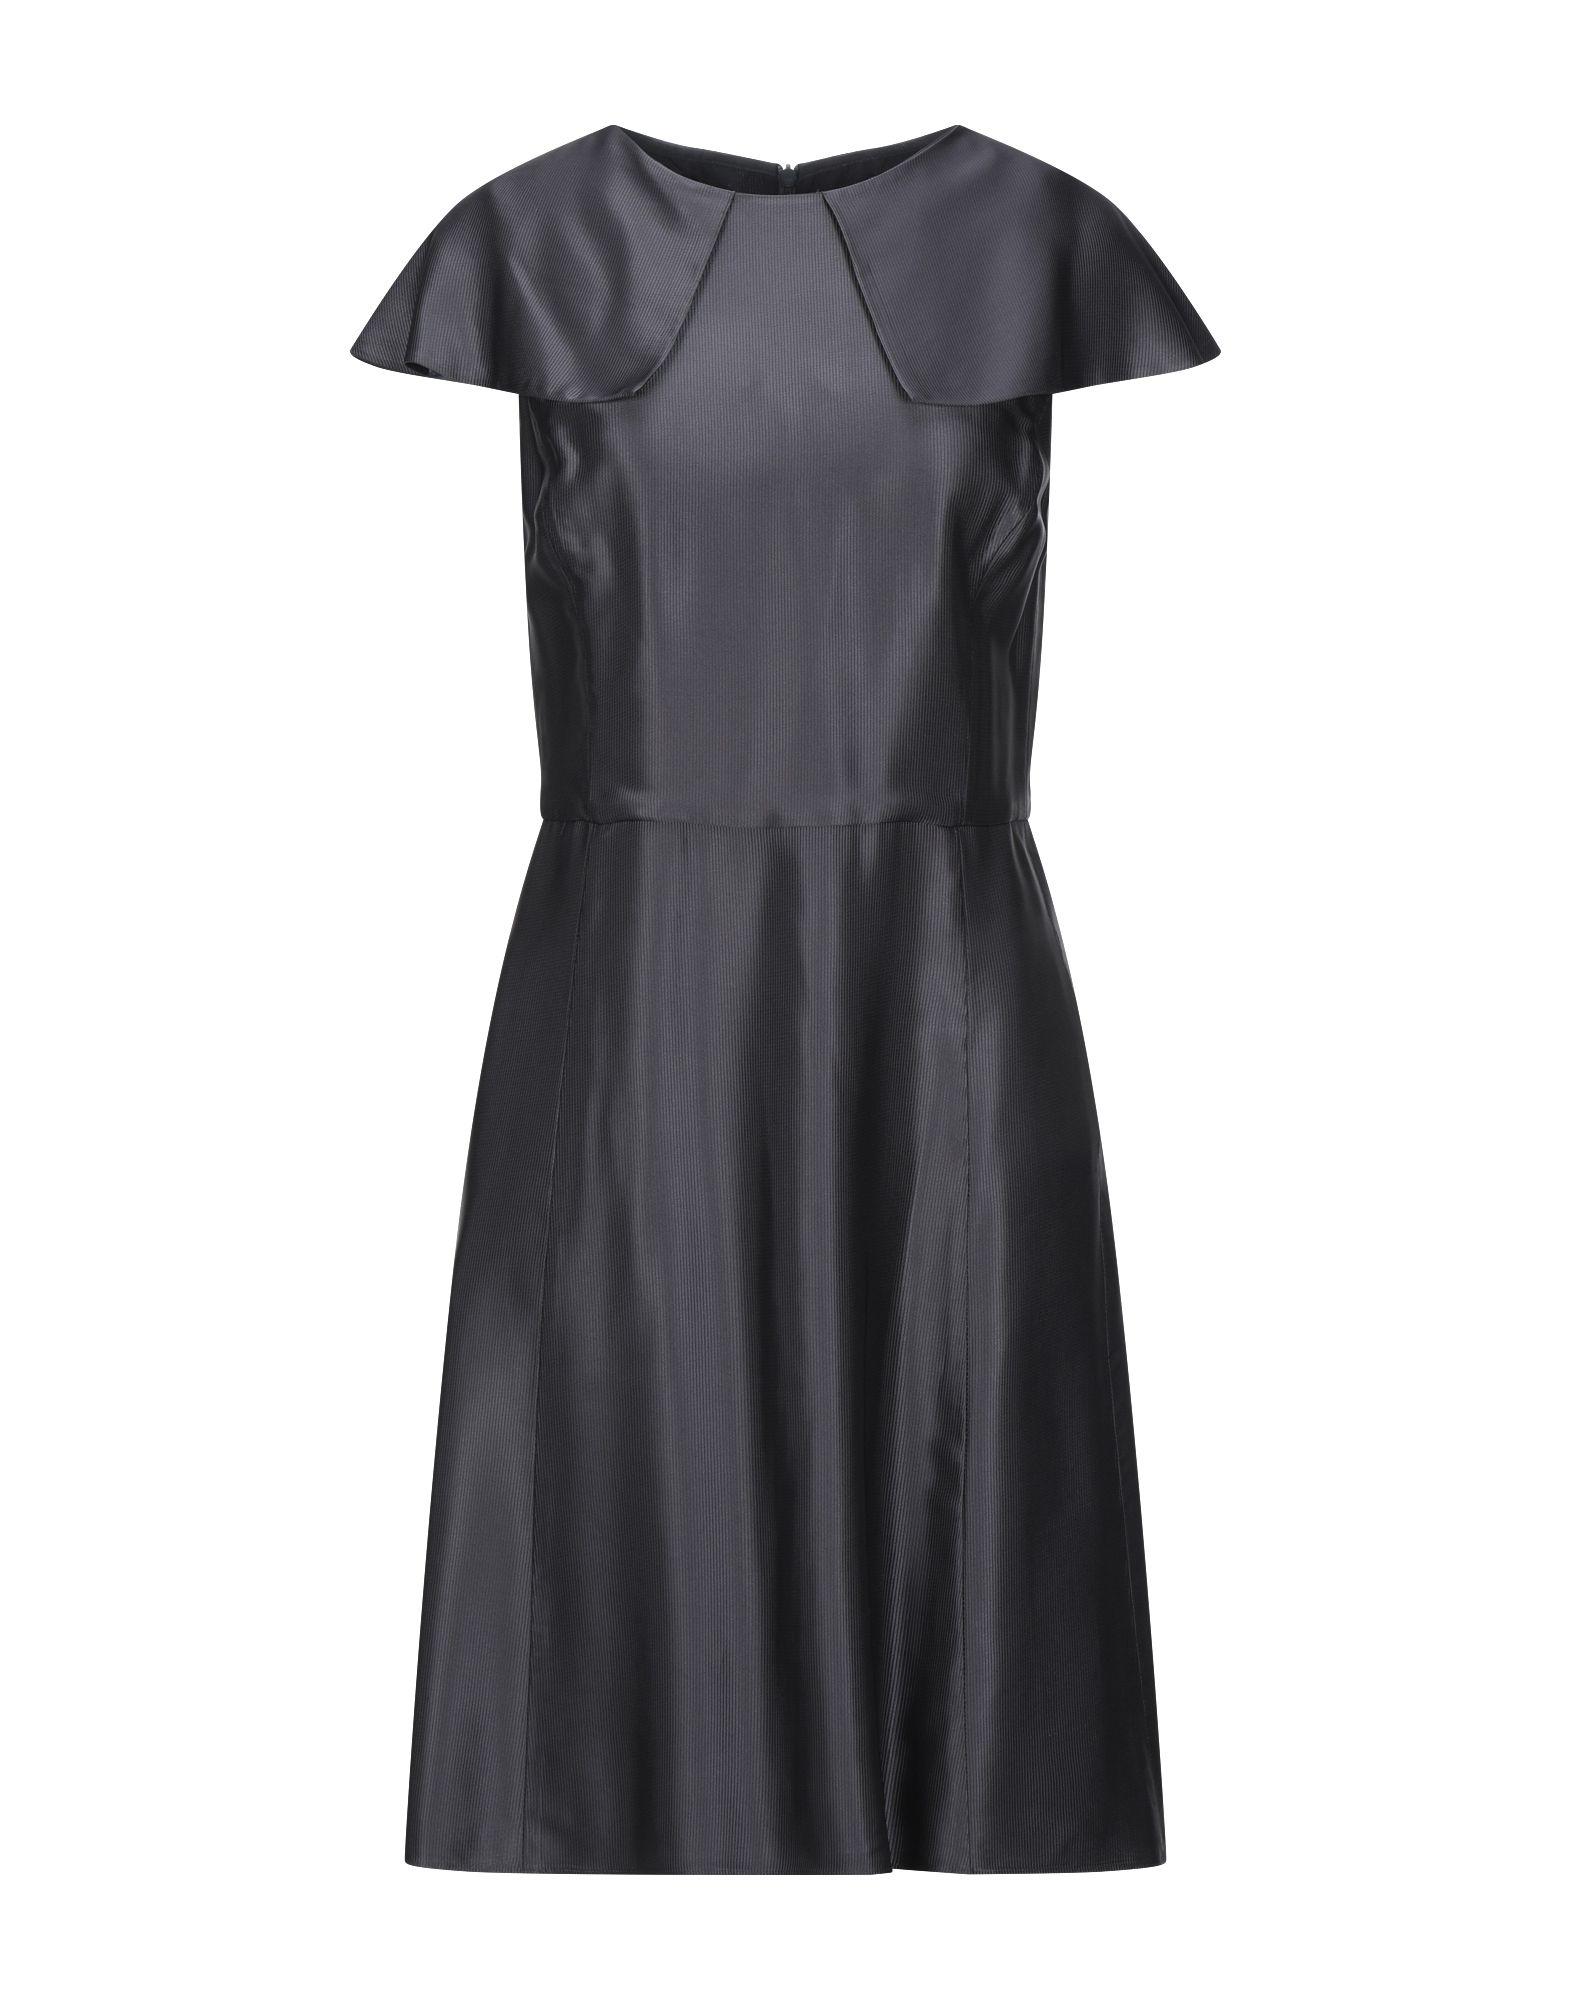 Свадебное платье от виктории бекхэм фото буду рассказывать